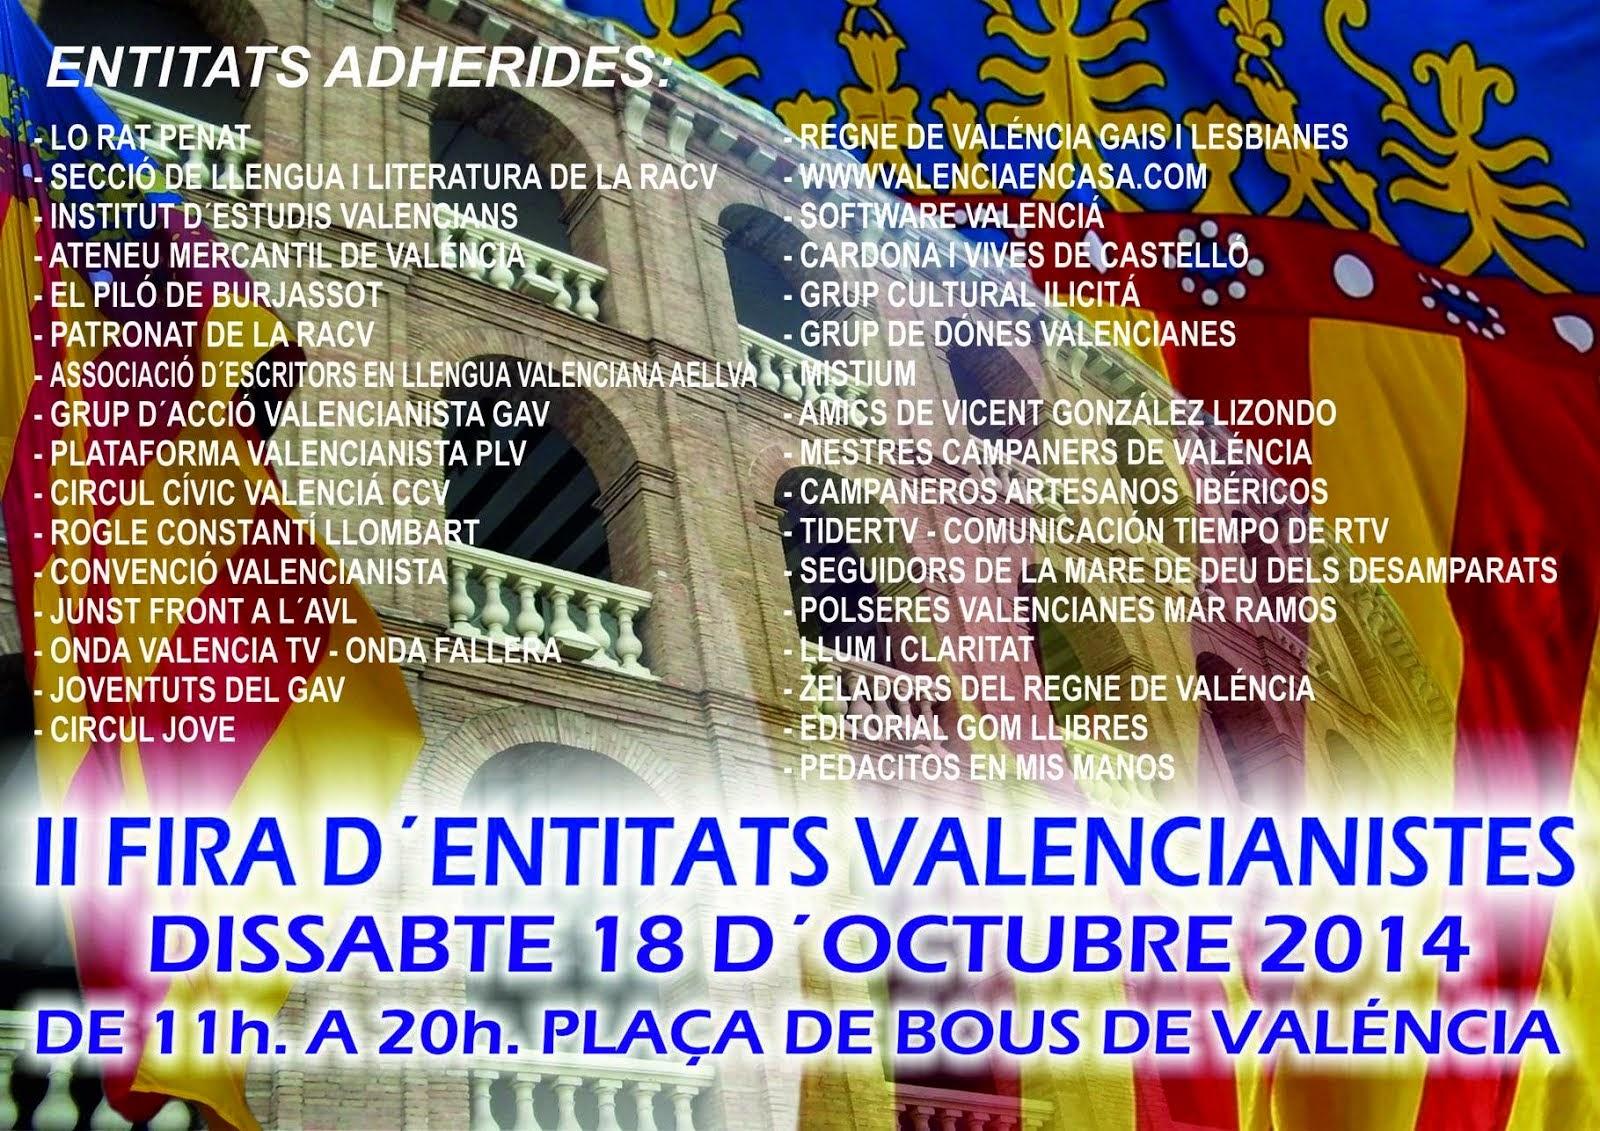 II FIRA D'ENTITATS VALENCIANISTES EN VALENCIA 18.10.14